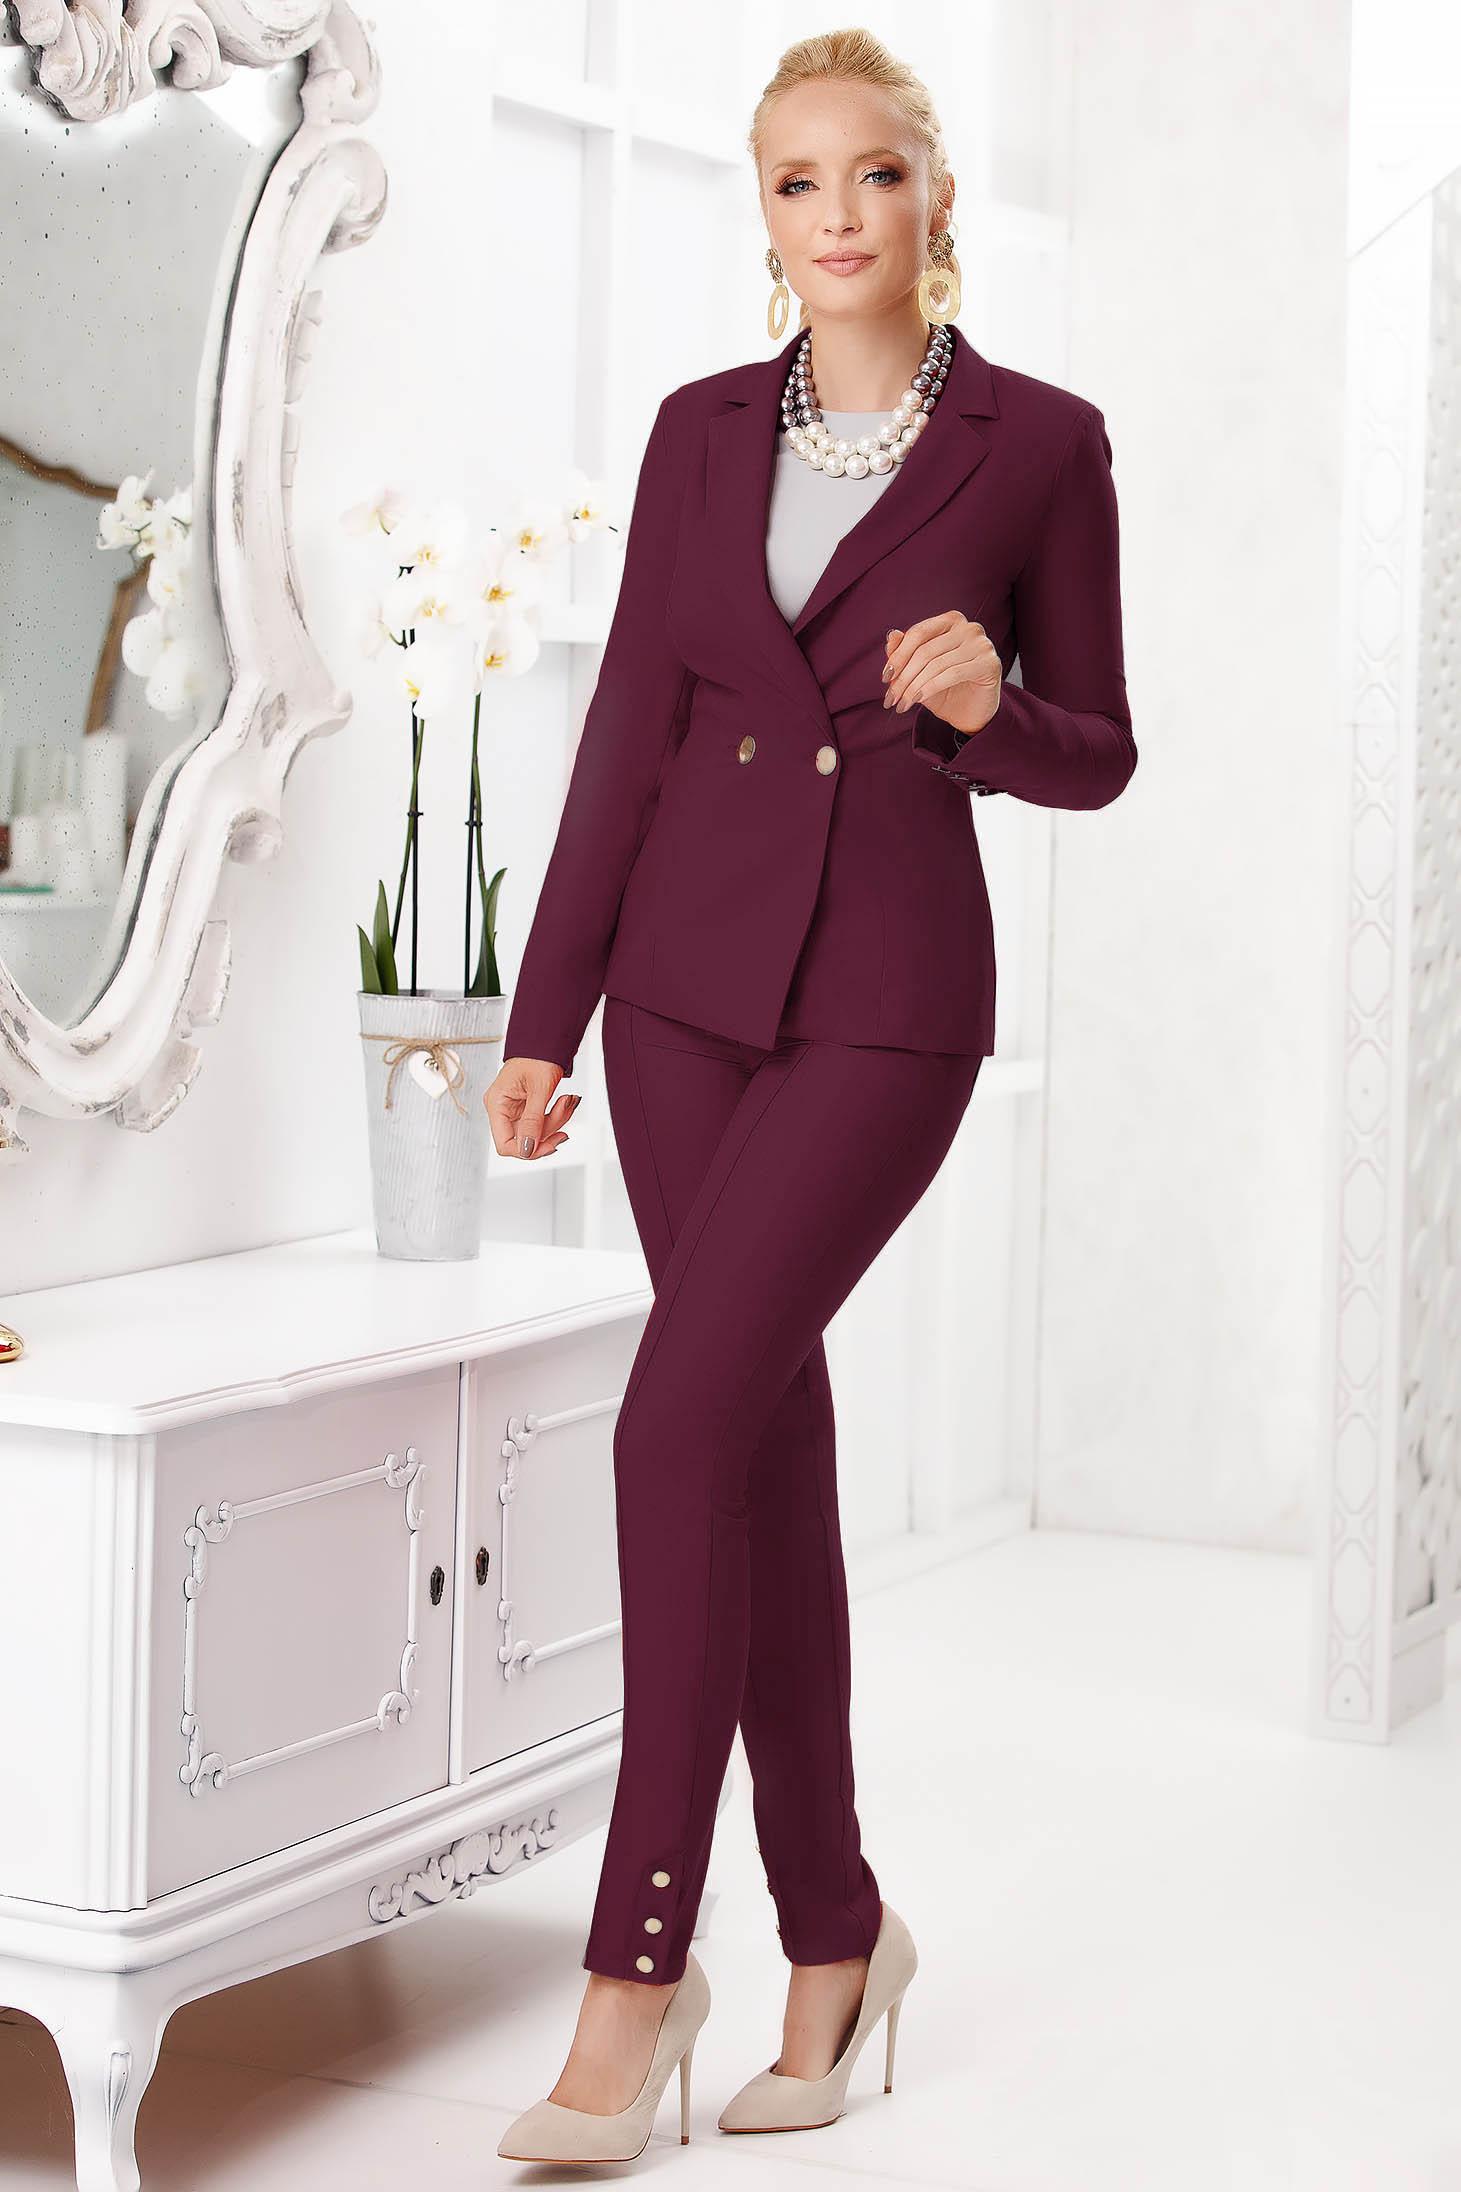 Pantaloni Fofy visinii lungi eleganti conici din stofa material subtire cu buzunare accesorizati cu nasturi